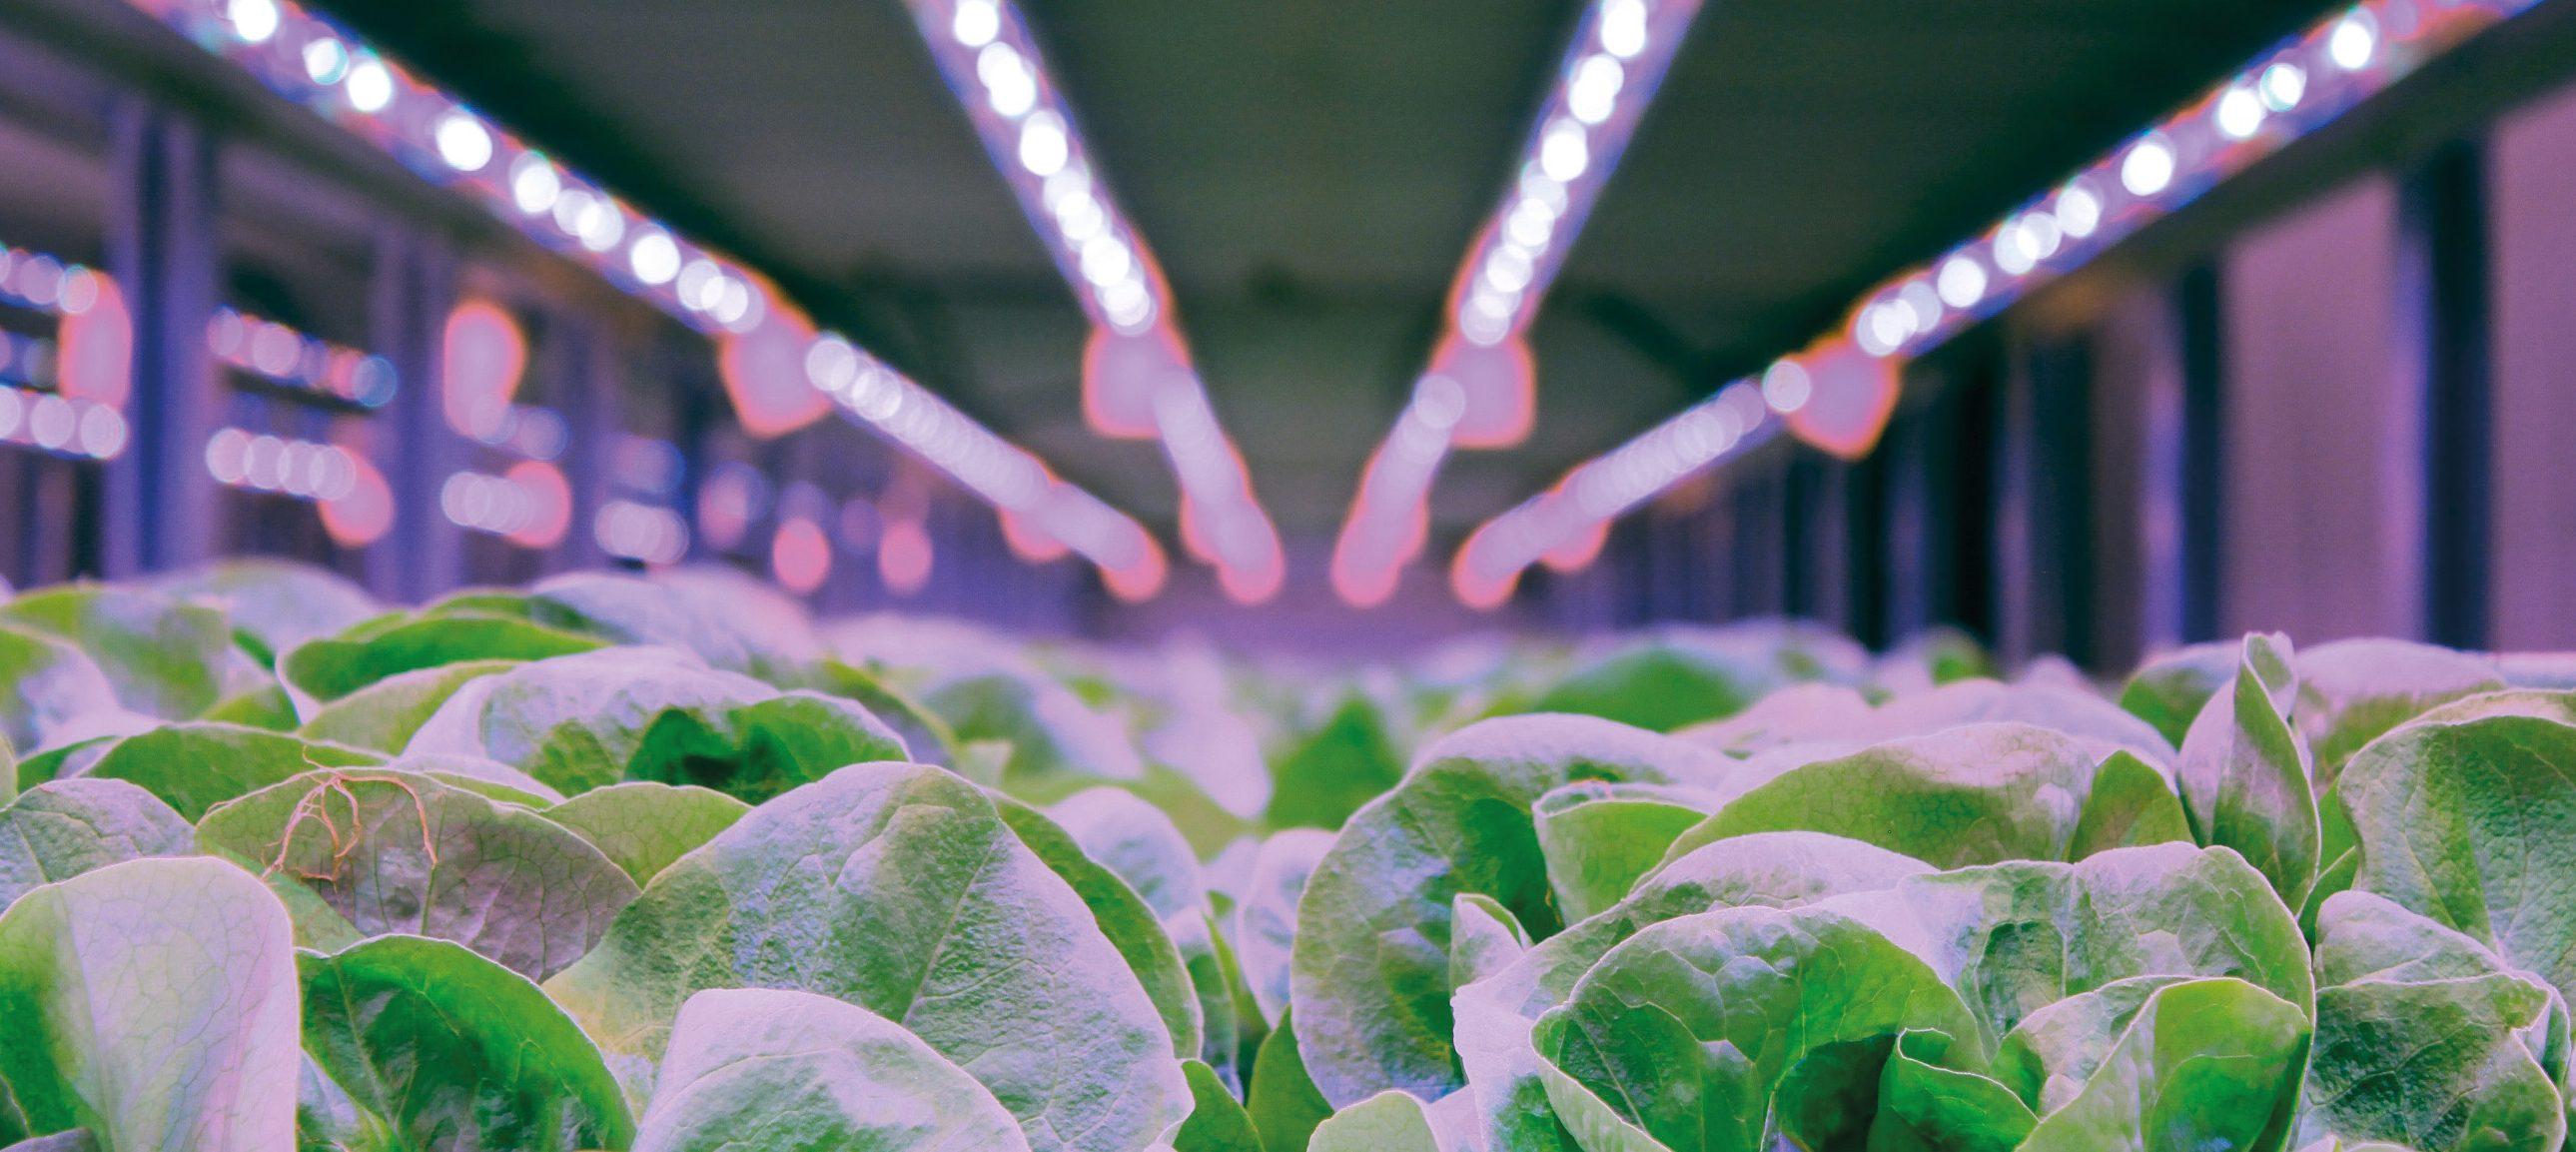 Grâce aux LED, il devient aisé de recréer un biotope extrêmement favorable aux cultures ou de réinventer les programmes de culture en les faisant varier selon les stades de développement des plantes.